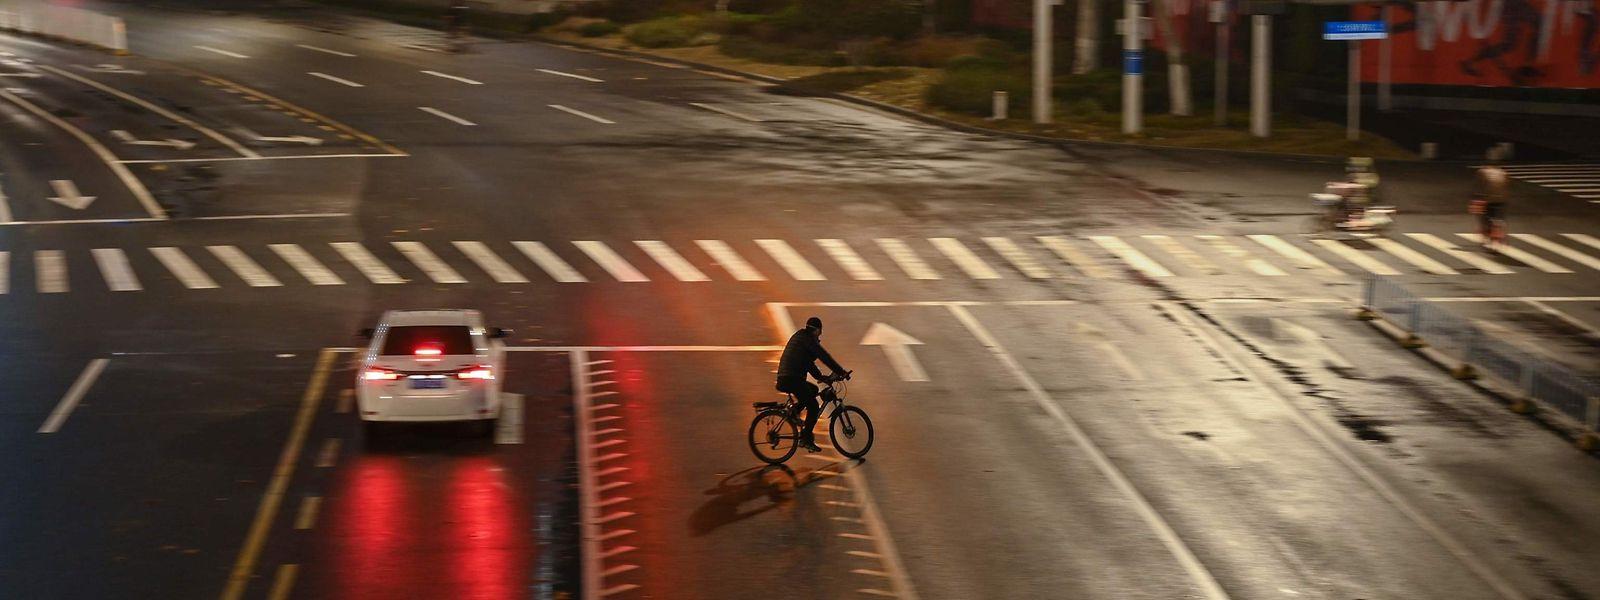 Die chinesische Stadt Wuhan gilt als Epizentrum des Ausbruchs des neuen Virus. Die Straßen dort sind wie leer gefegt.